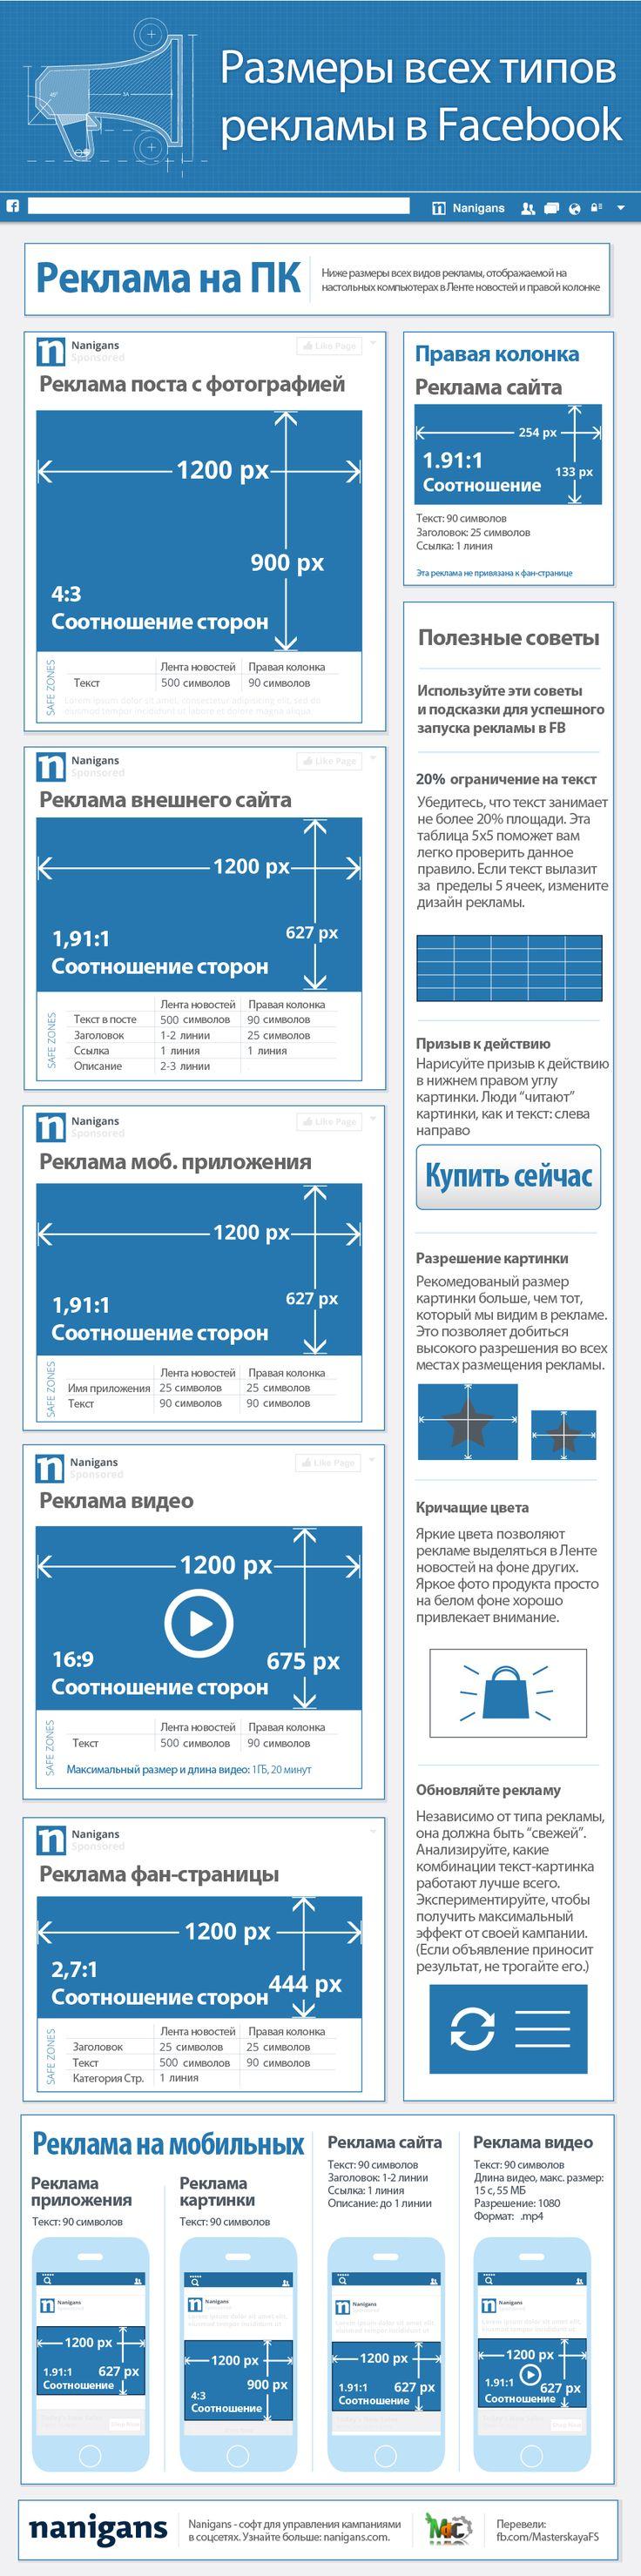 [Инфографика] Размеры всех рекламных форматов на Facebook